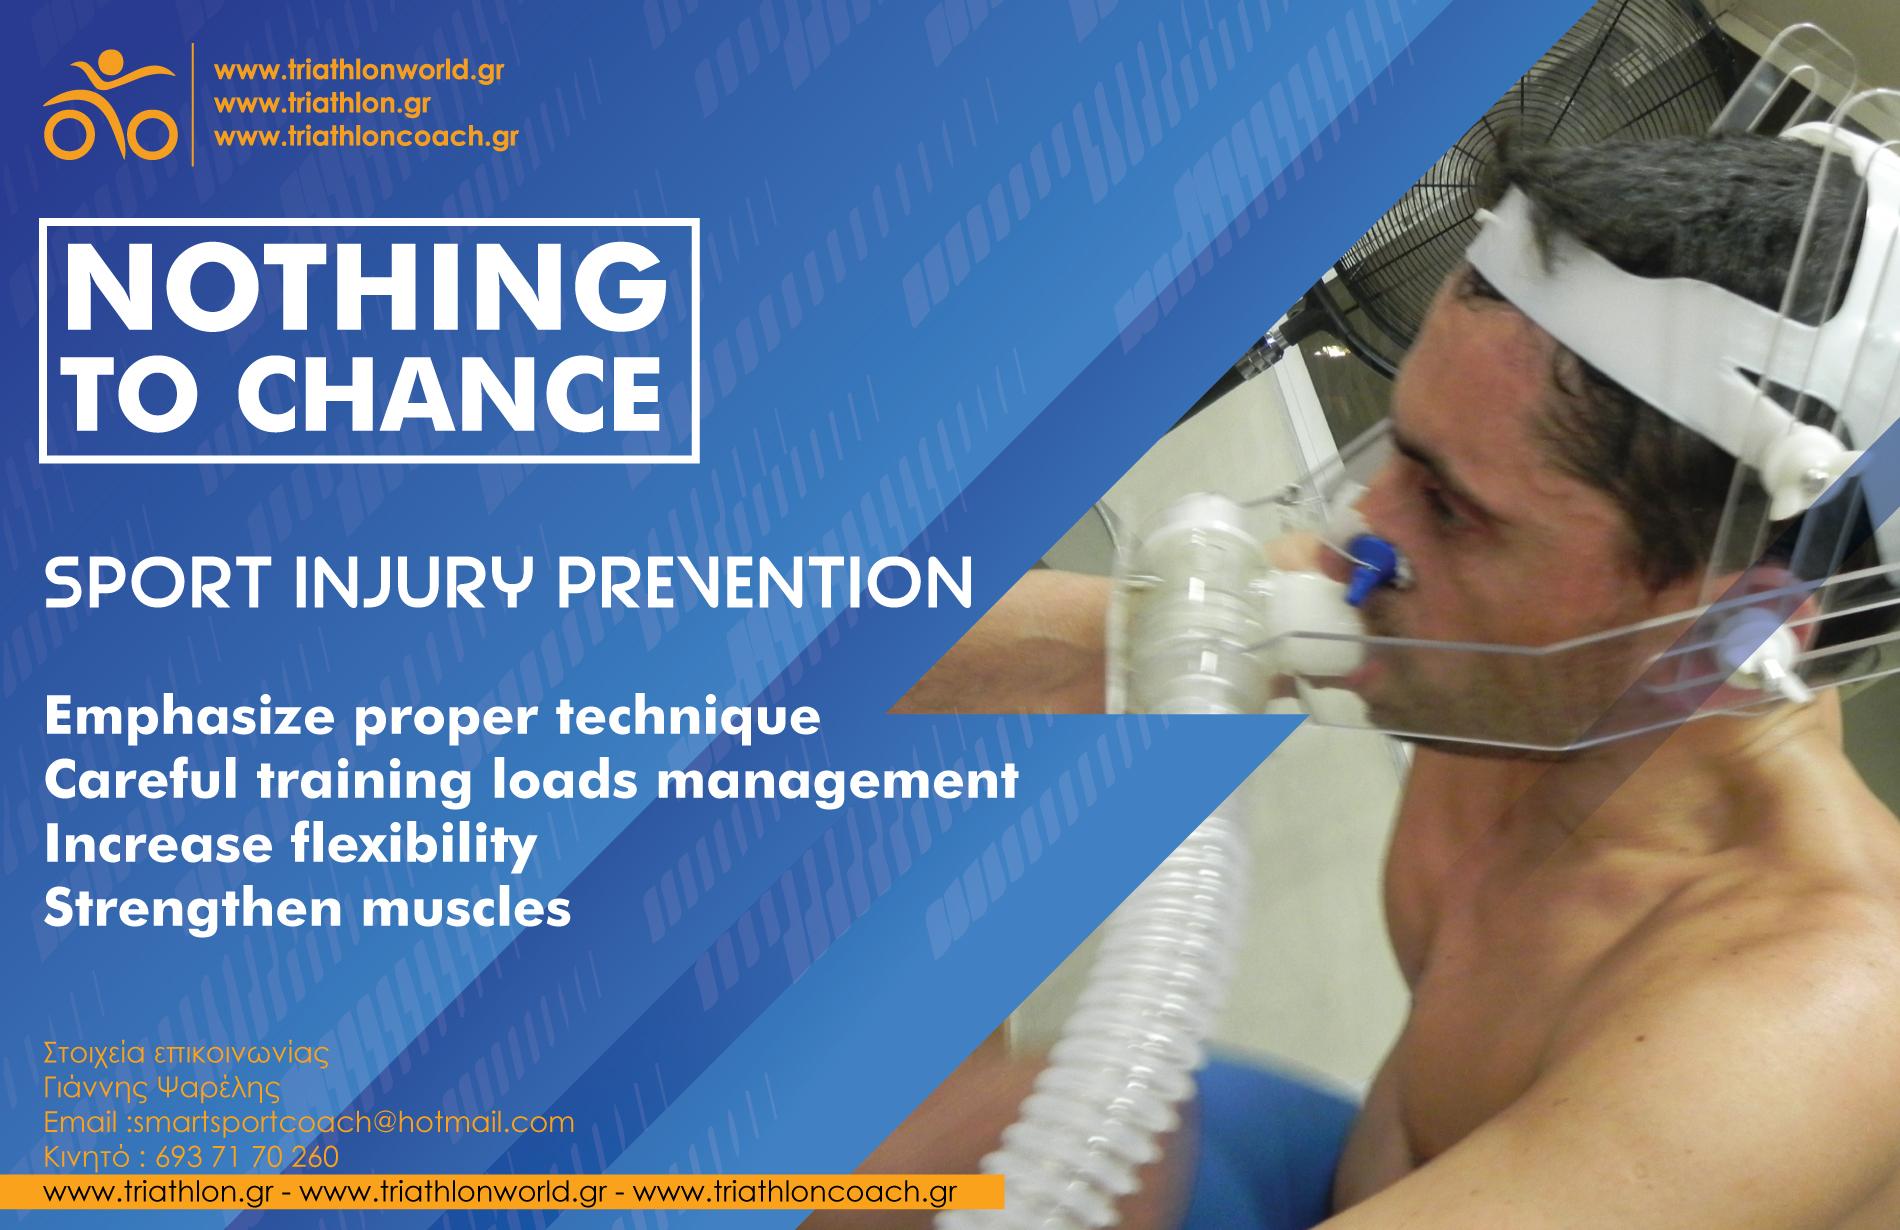 Πρόληψη Τραυματισμών στο Τρίαθλου